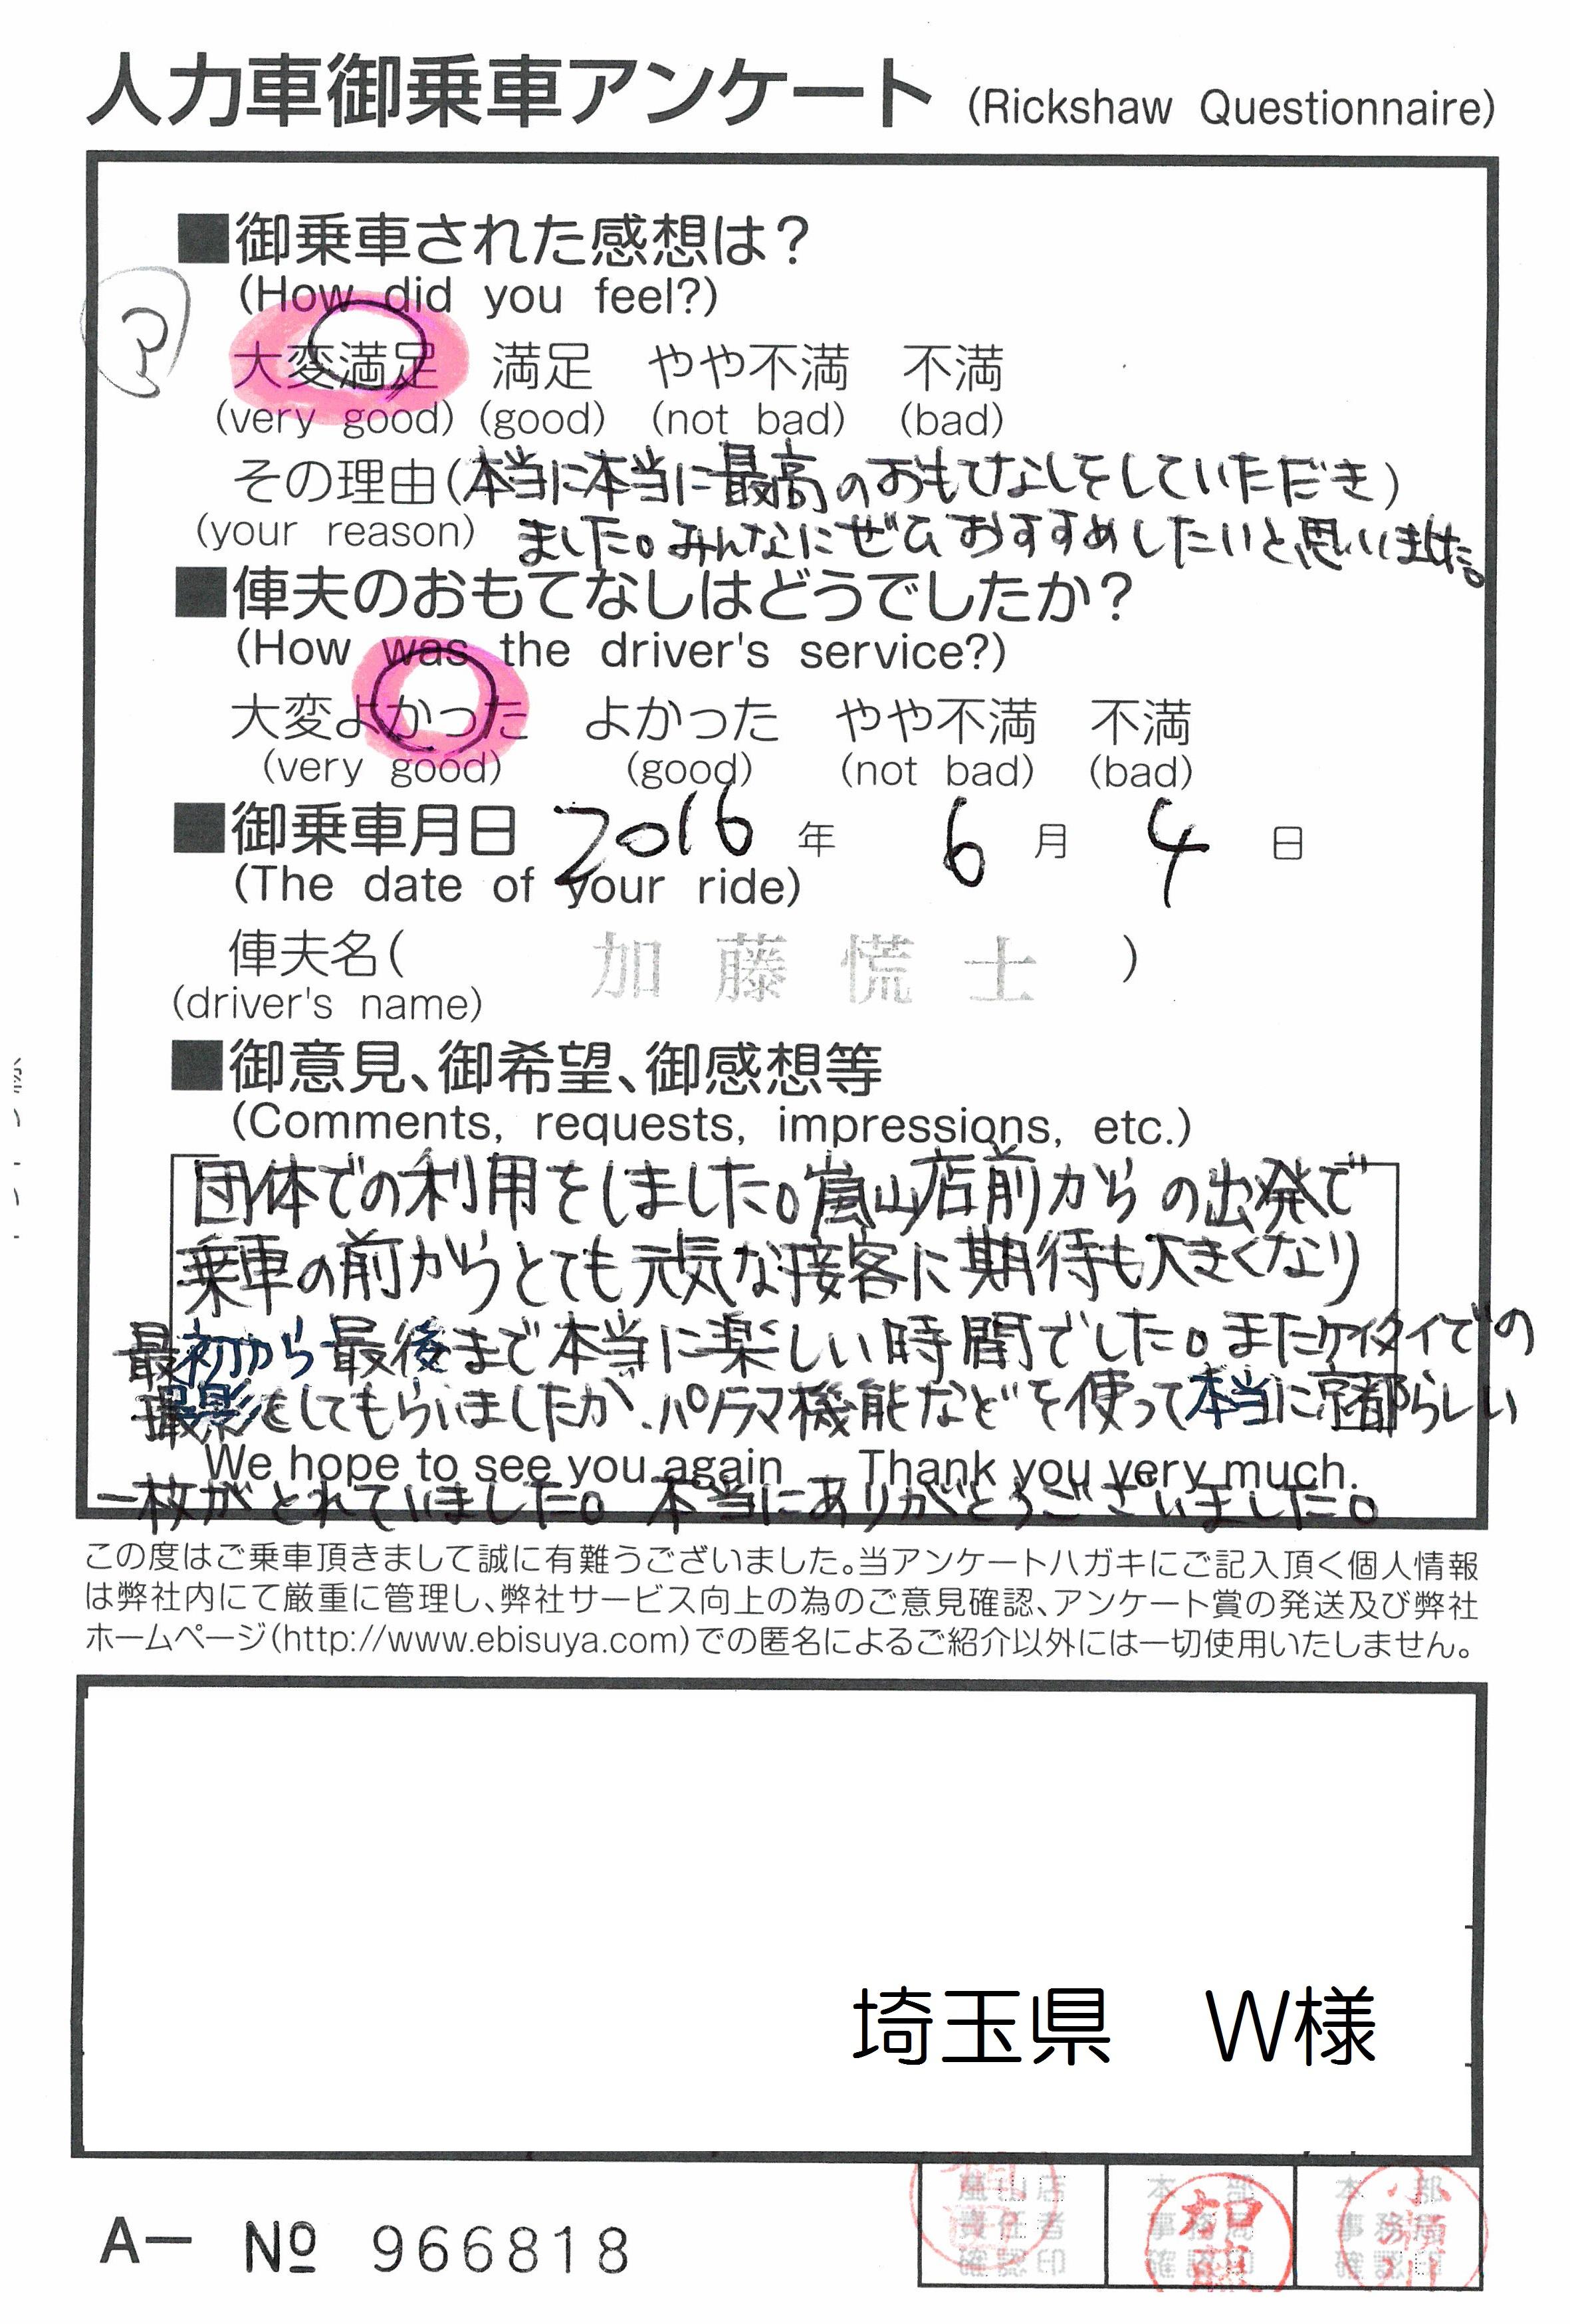 埼玉県 W様